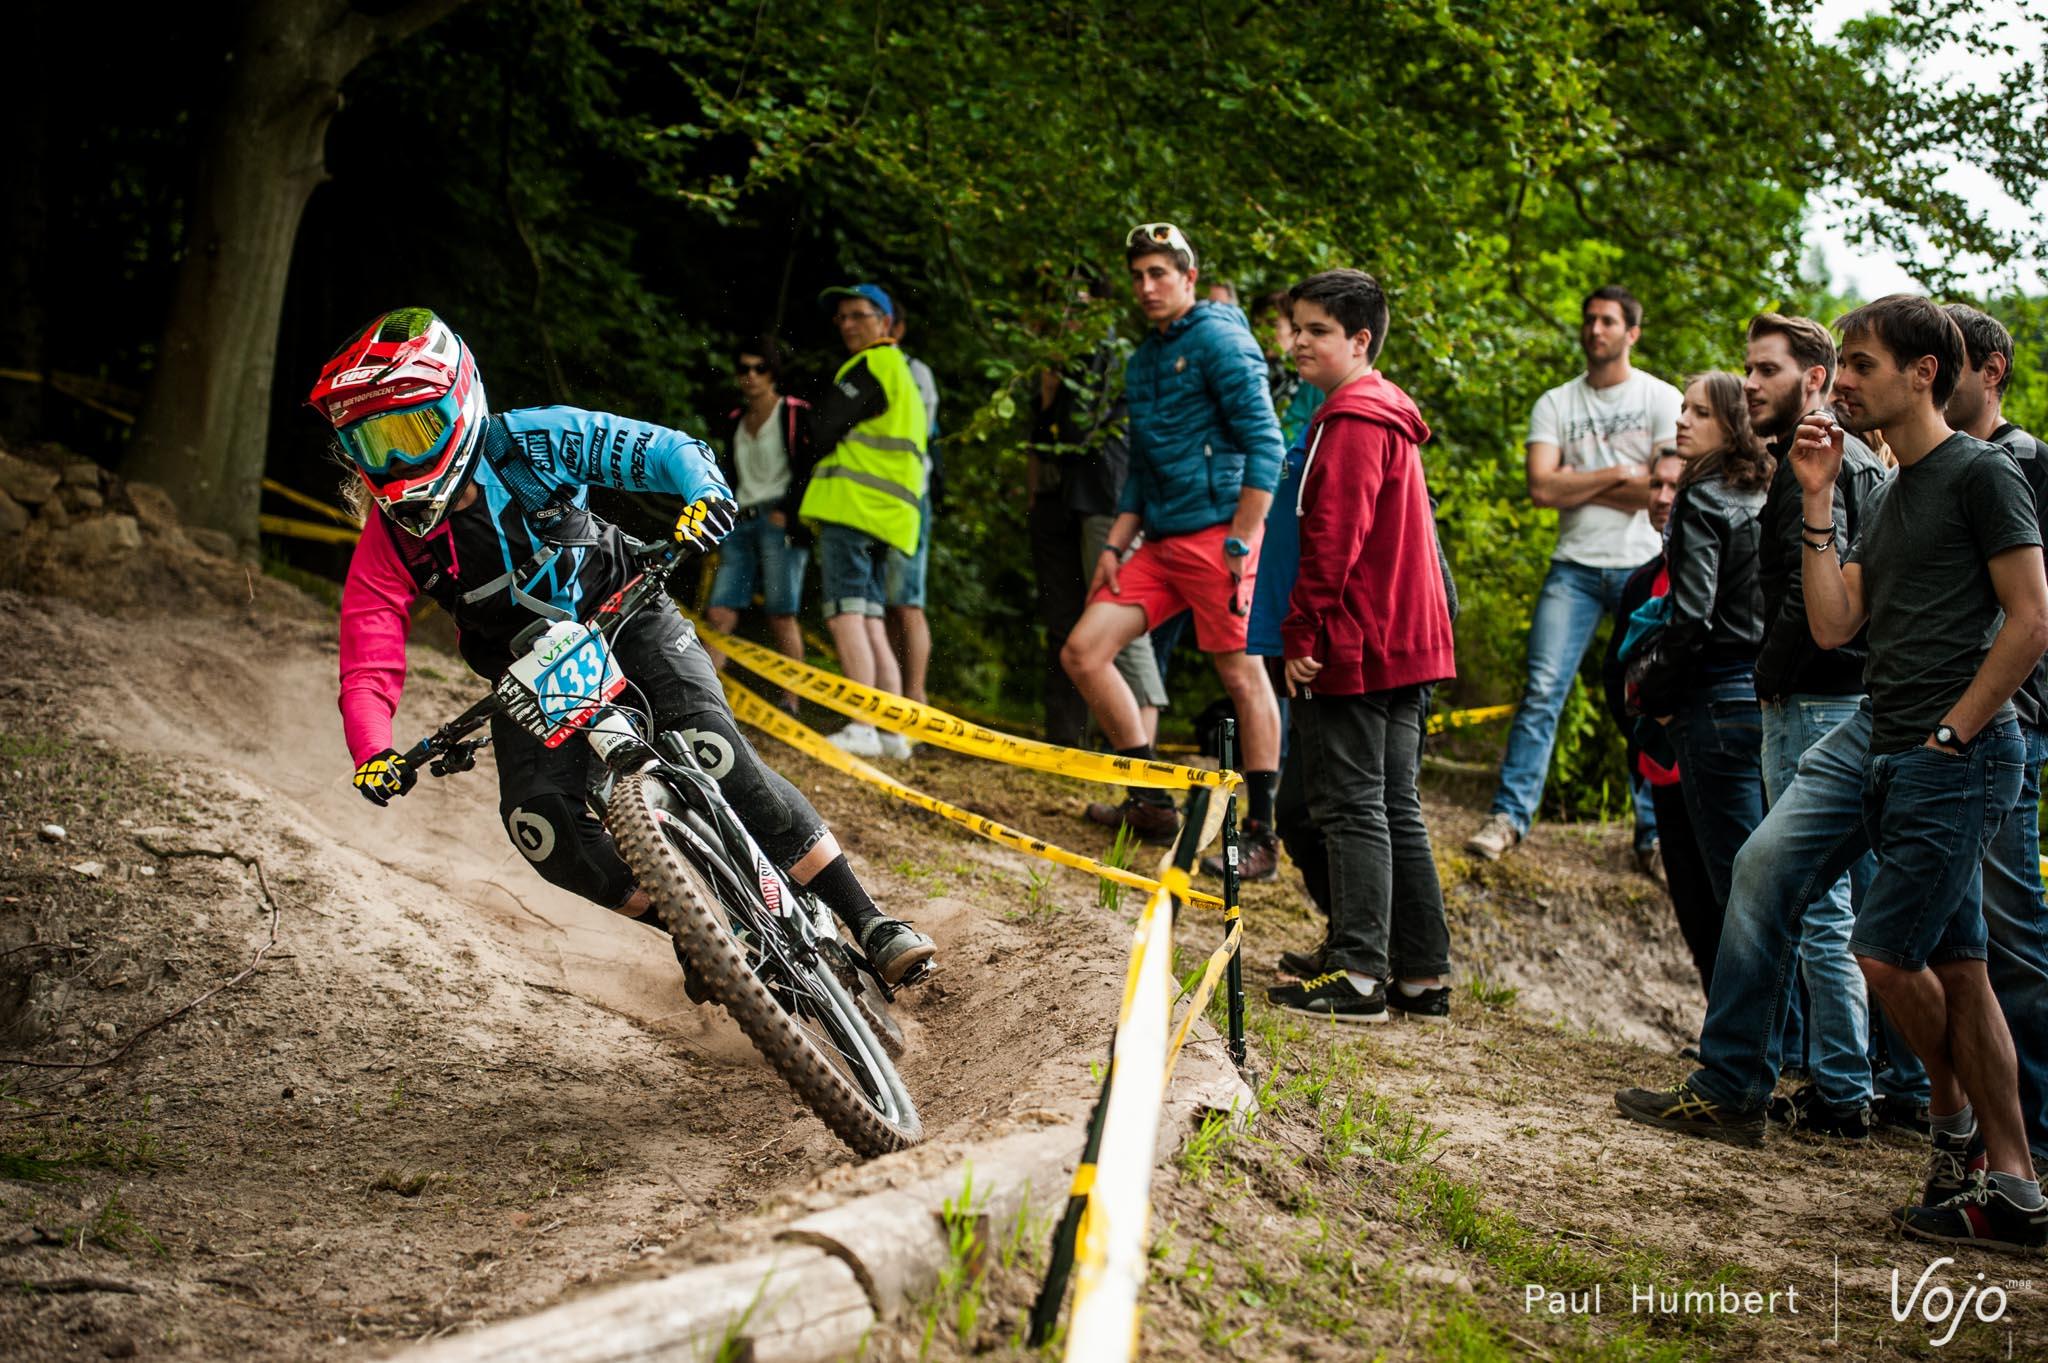 Raon-l-etape-vojo-2016-paul-humbert-77